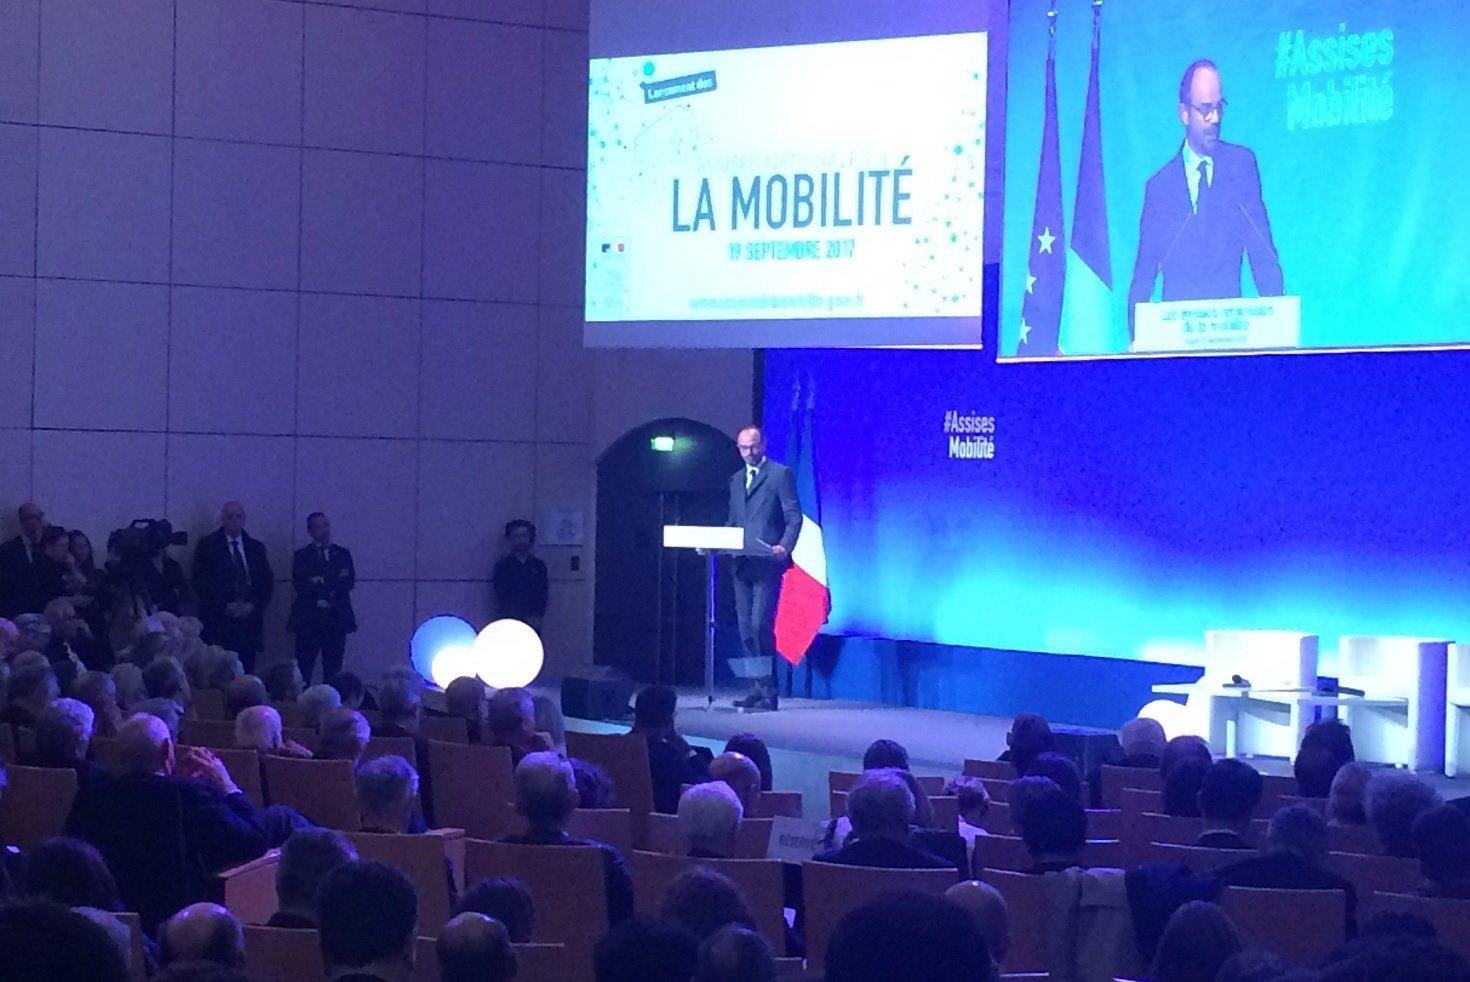 Assises de la mobilité : Edouard PHILIPPE évoque le dossier Seine-Nord Europe